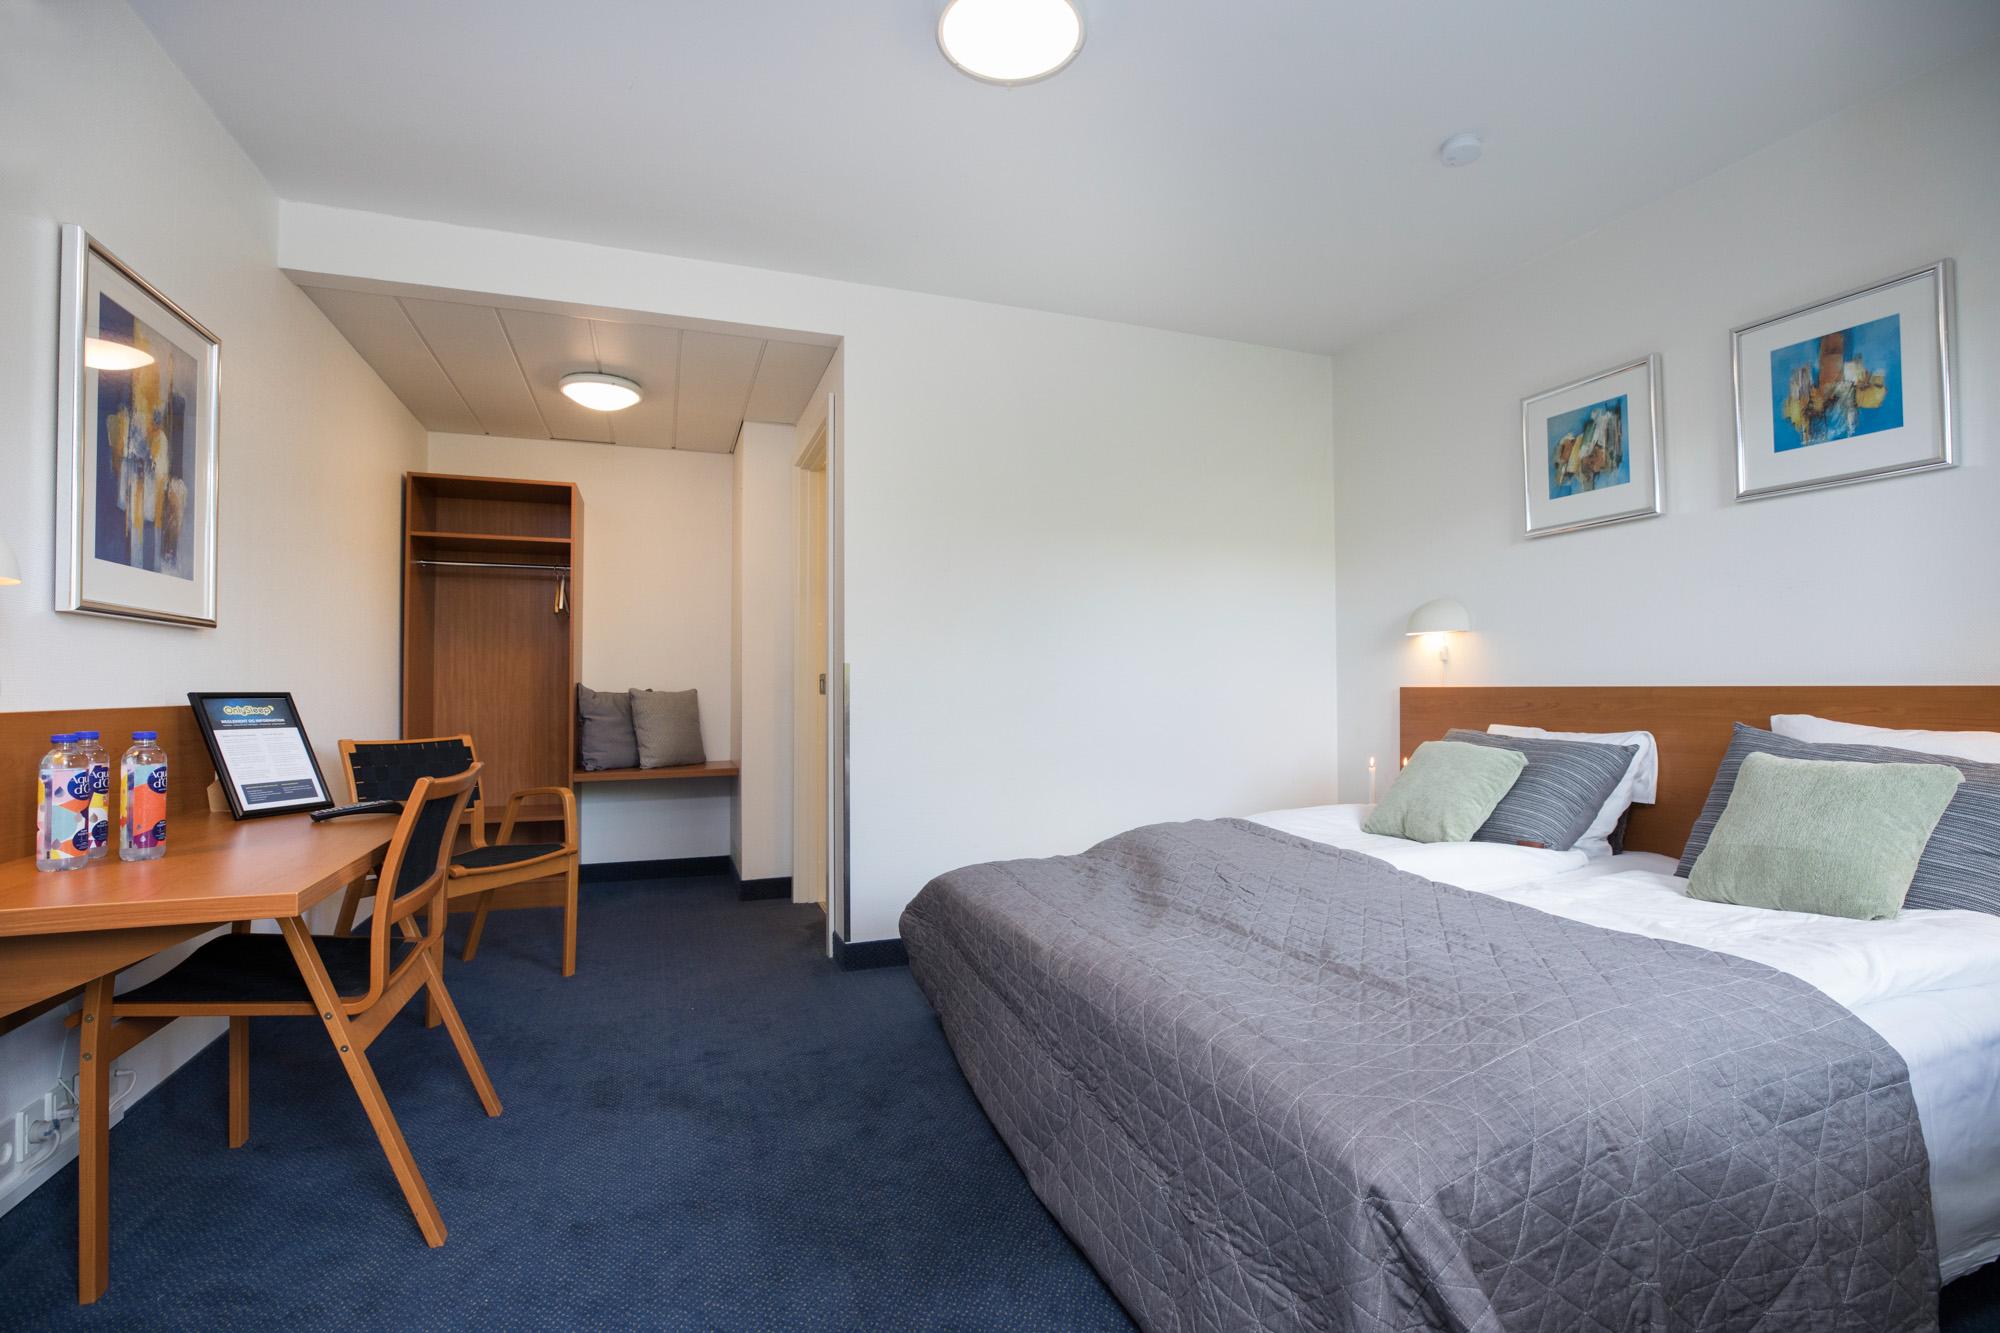 Hotel Only Sleep Slagelse, Dobbeltværelse, dobbeltseng, skrivebord, stole, klædeskab